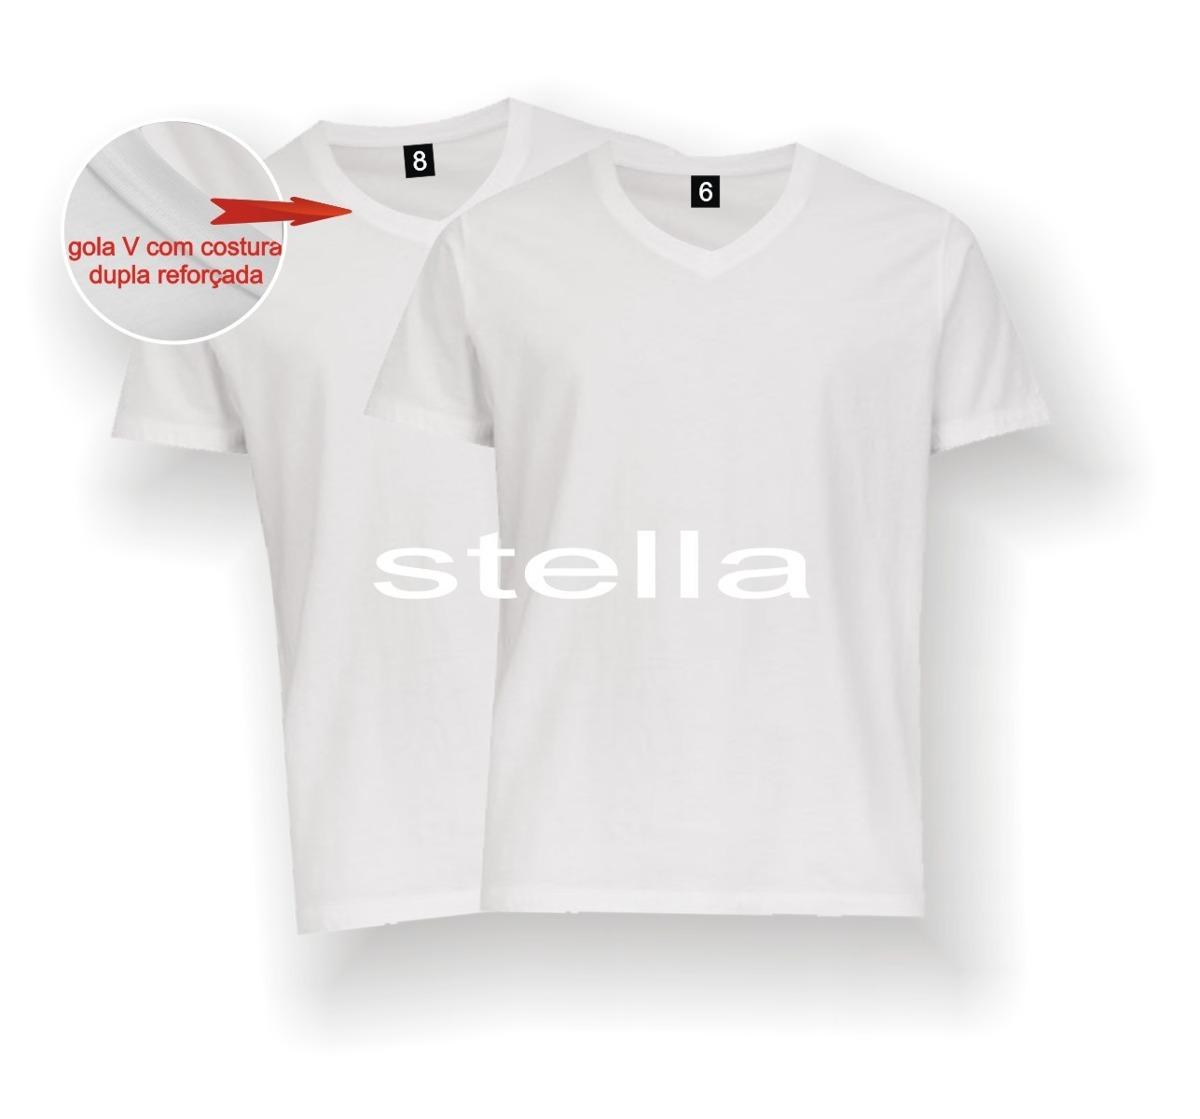 e6b961f43a camiseta infantil gola v branca lisa 100% poliéster sublimaç. Carregando  zoom.